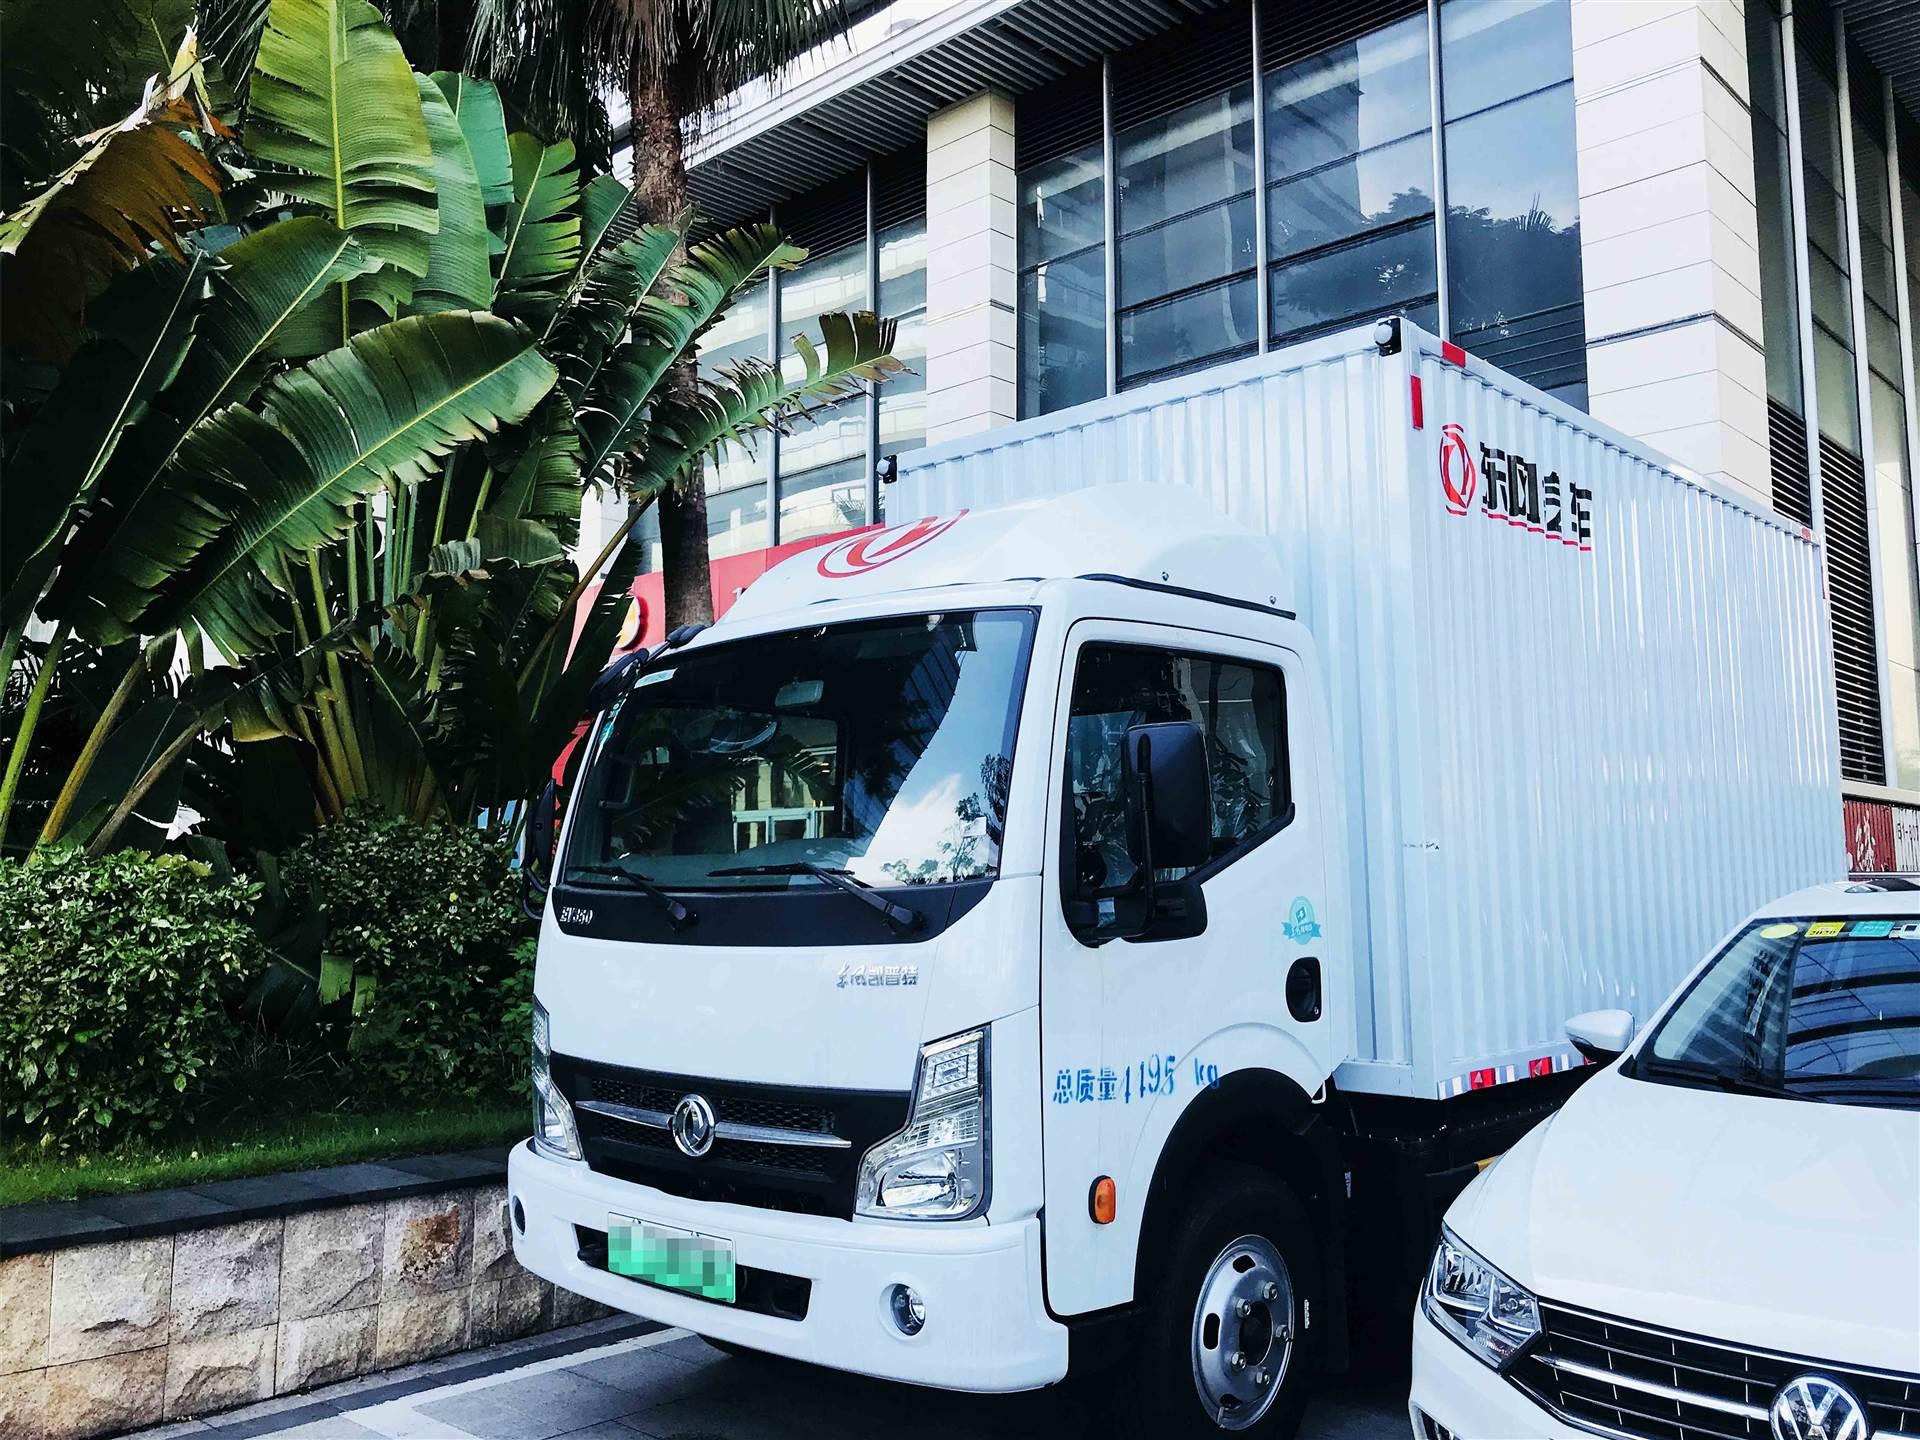 东莞道滘企业包车,倍安新能源,企业用车品牌服务商